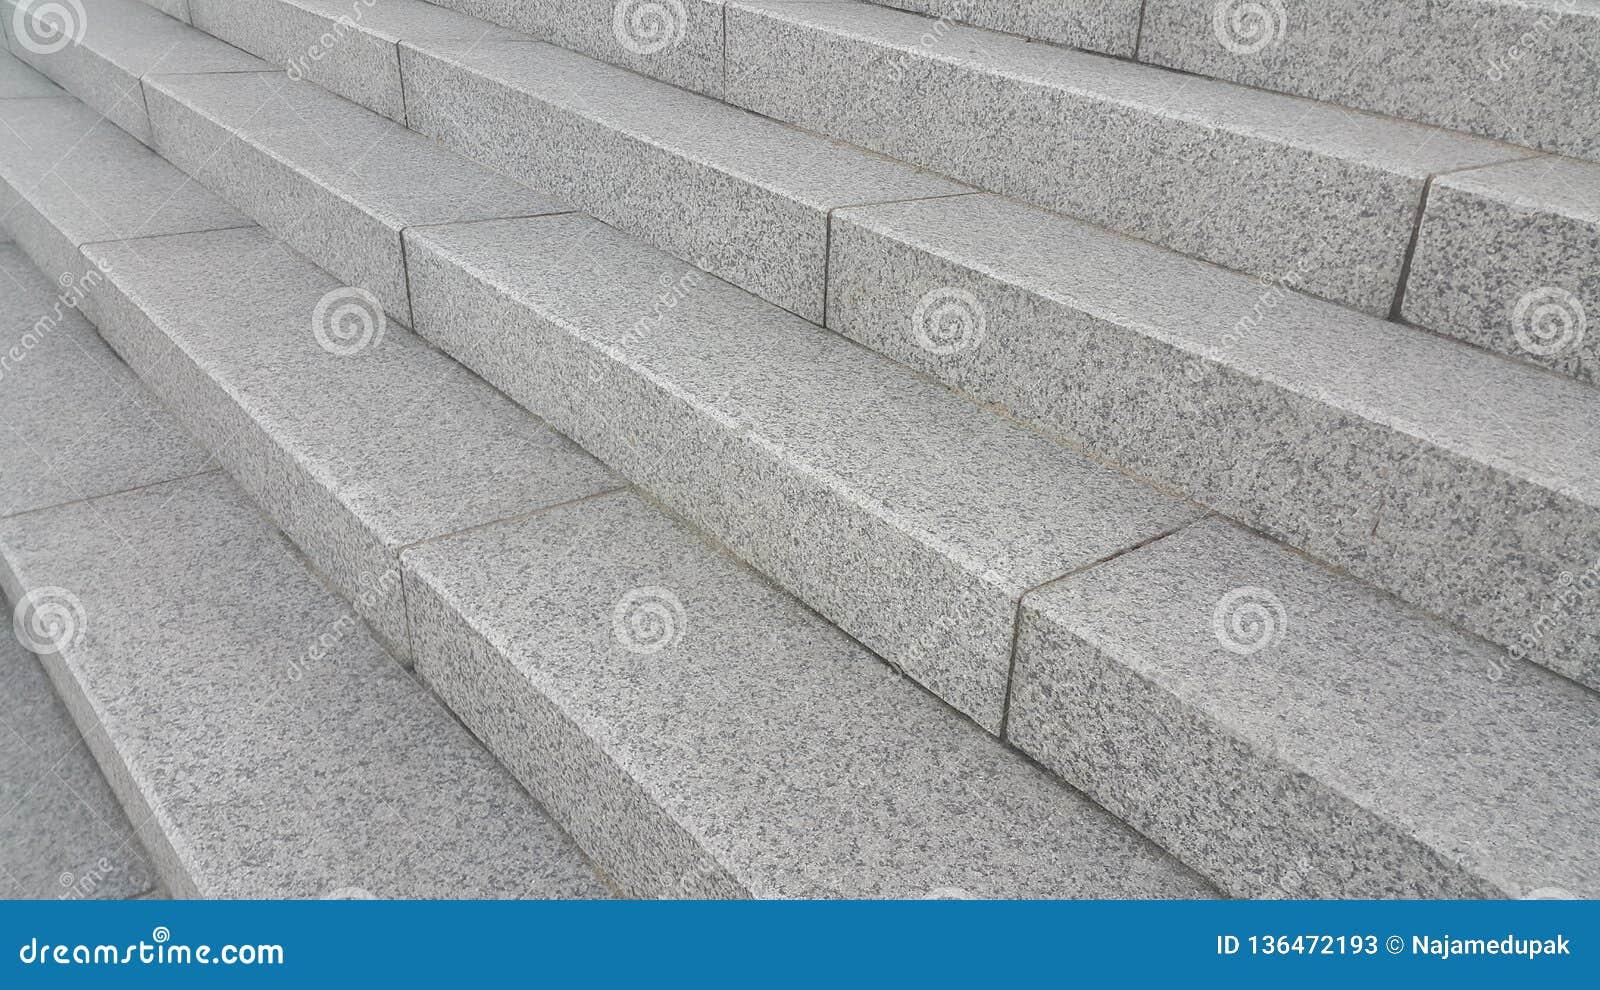 Vire do close up de escadas concretas cinzentas com linhas concretas escuras em passos